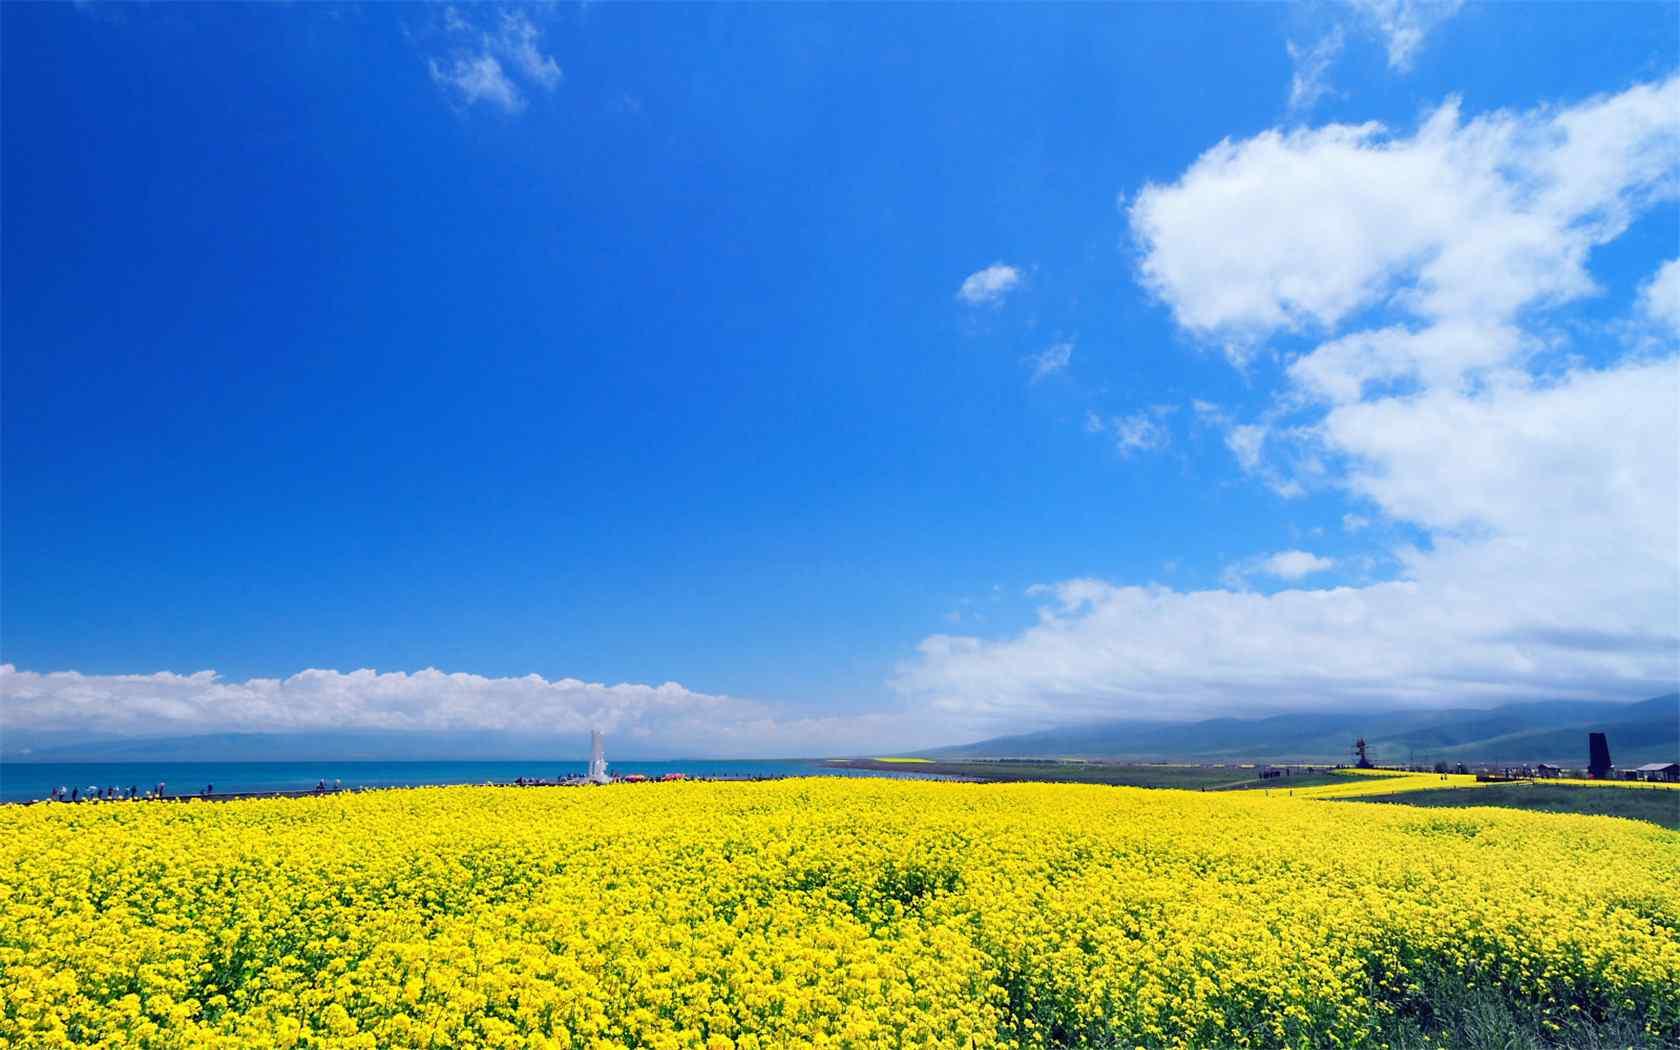 青海湖美景桌面壁纸第七辑